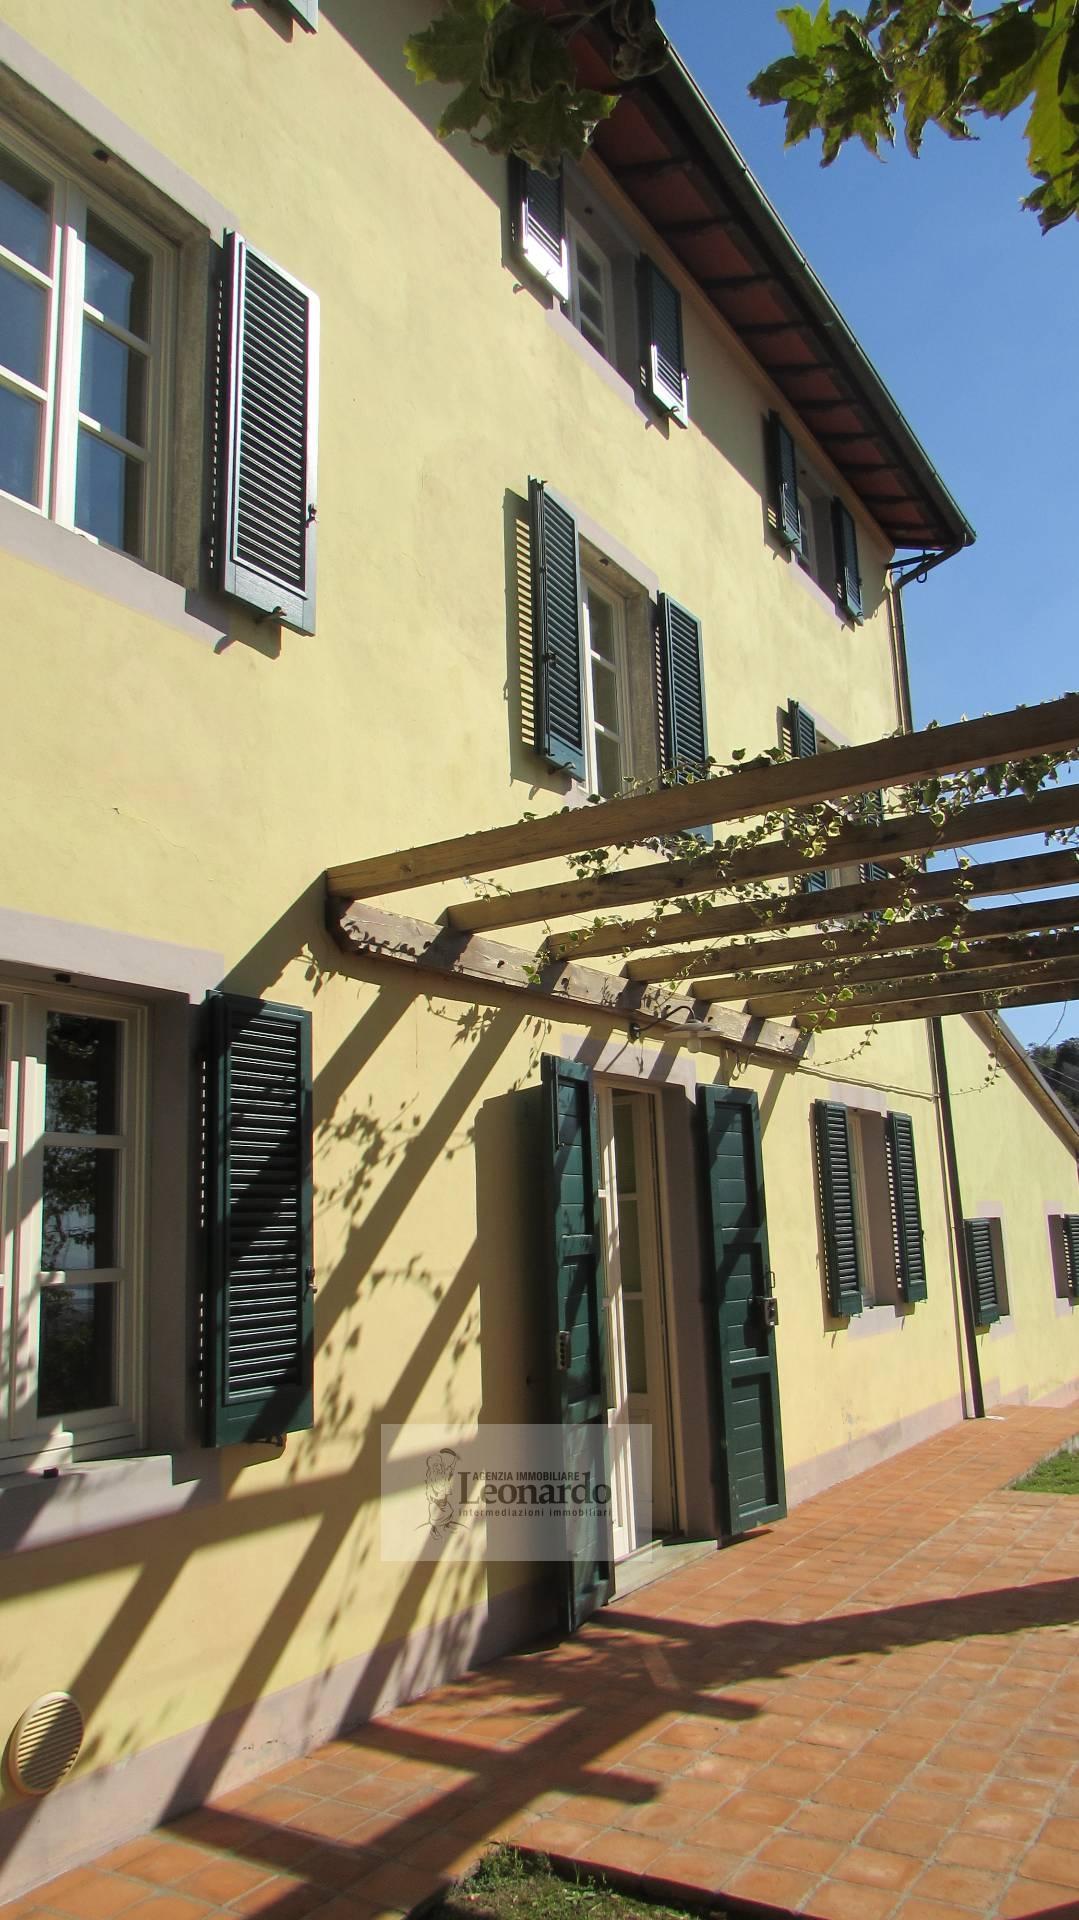 Rustico / Casale in vendita a Massarosa, 8 locali, zona Zona: Bargecchia, prezzo € 595.000 | Cambio Casa.it